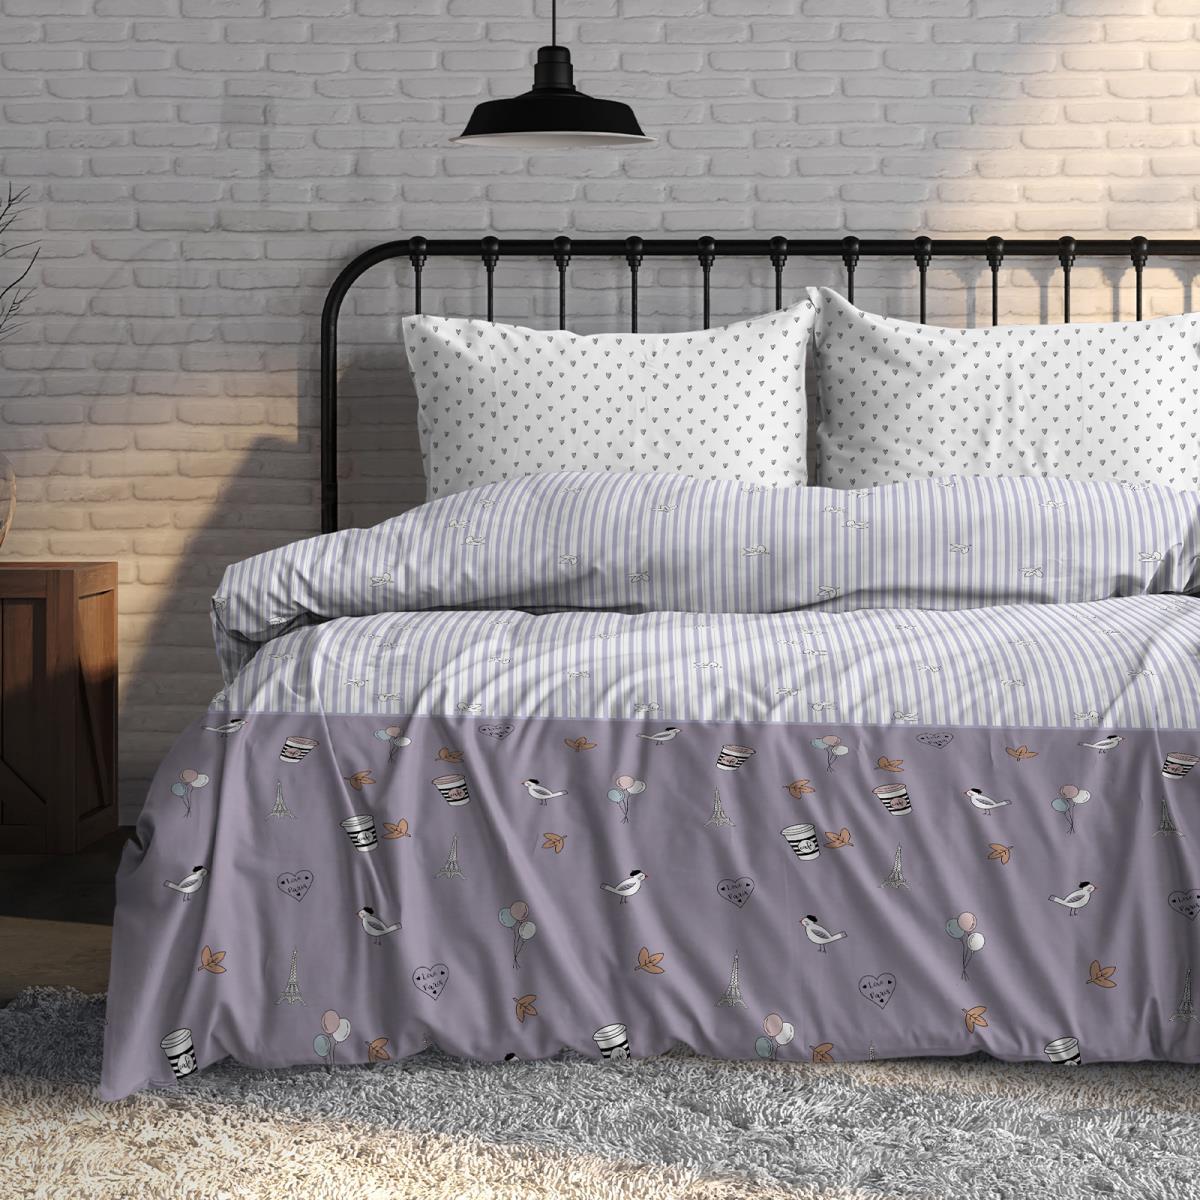 Фото - Постельное белье iv76079 (поплин) (1,5 спальный) постельное белье iv76089 поплин 1 5 спальный